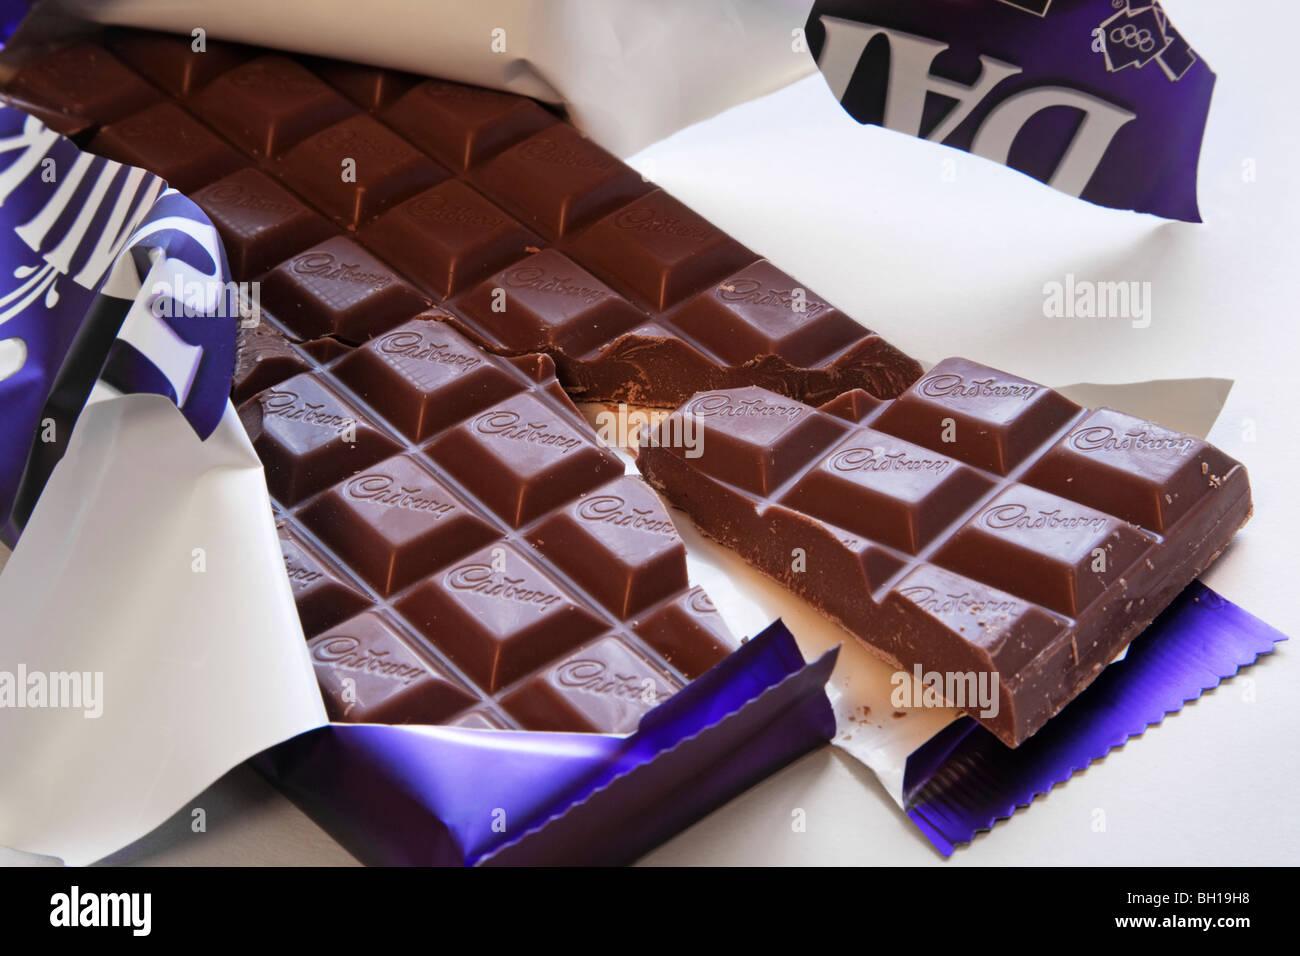 Dairy Milk Chocolate Stock Photos Dairy Milk Chocolate Stock